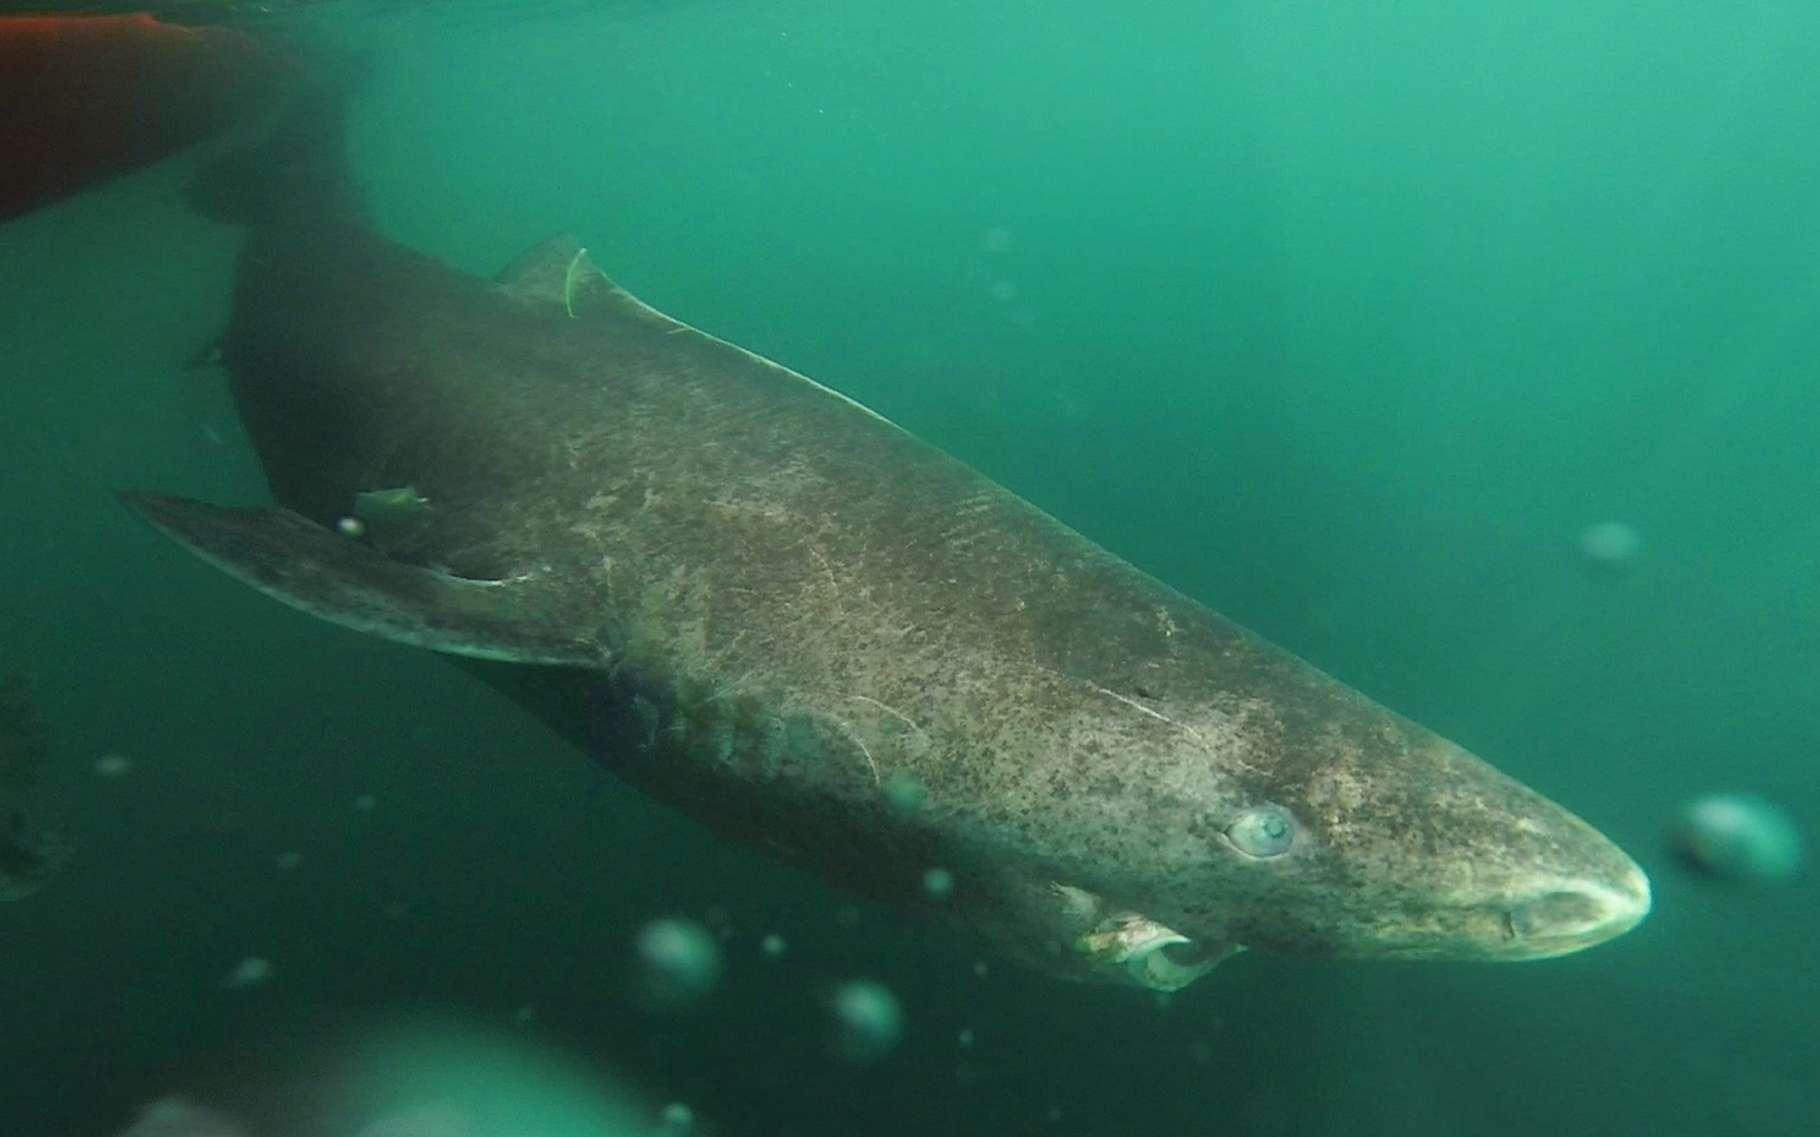 Le requin du Groenland, qui vit dans les eaux froides de l'Arctique et remonte rarement vers la surface, est très mal connu. C'est un des grands prédateurs de ces régions. © Julius Nielsen, University of Copenhagen